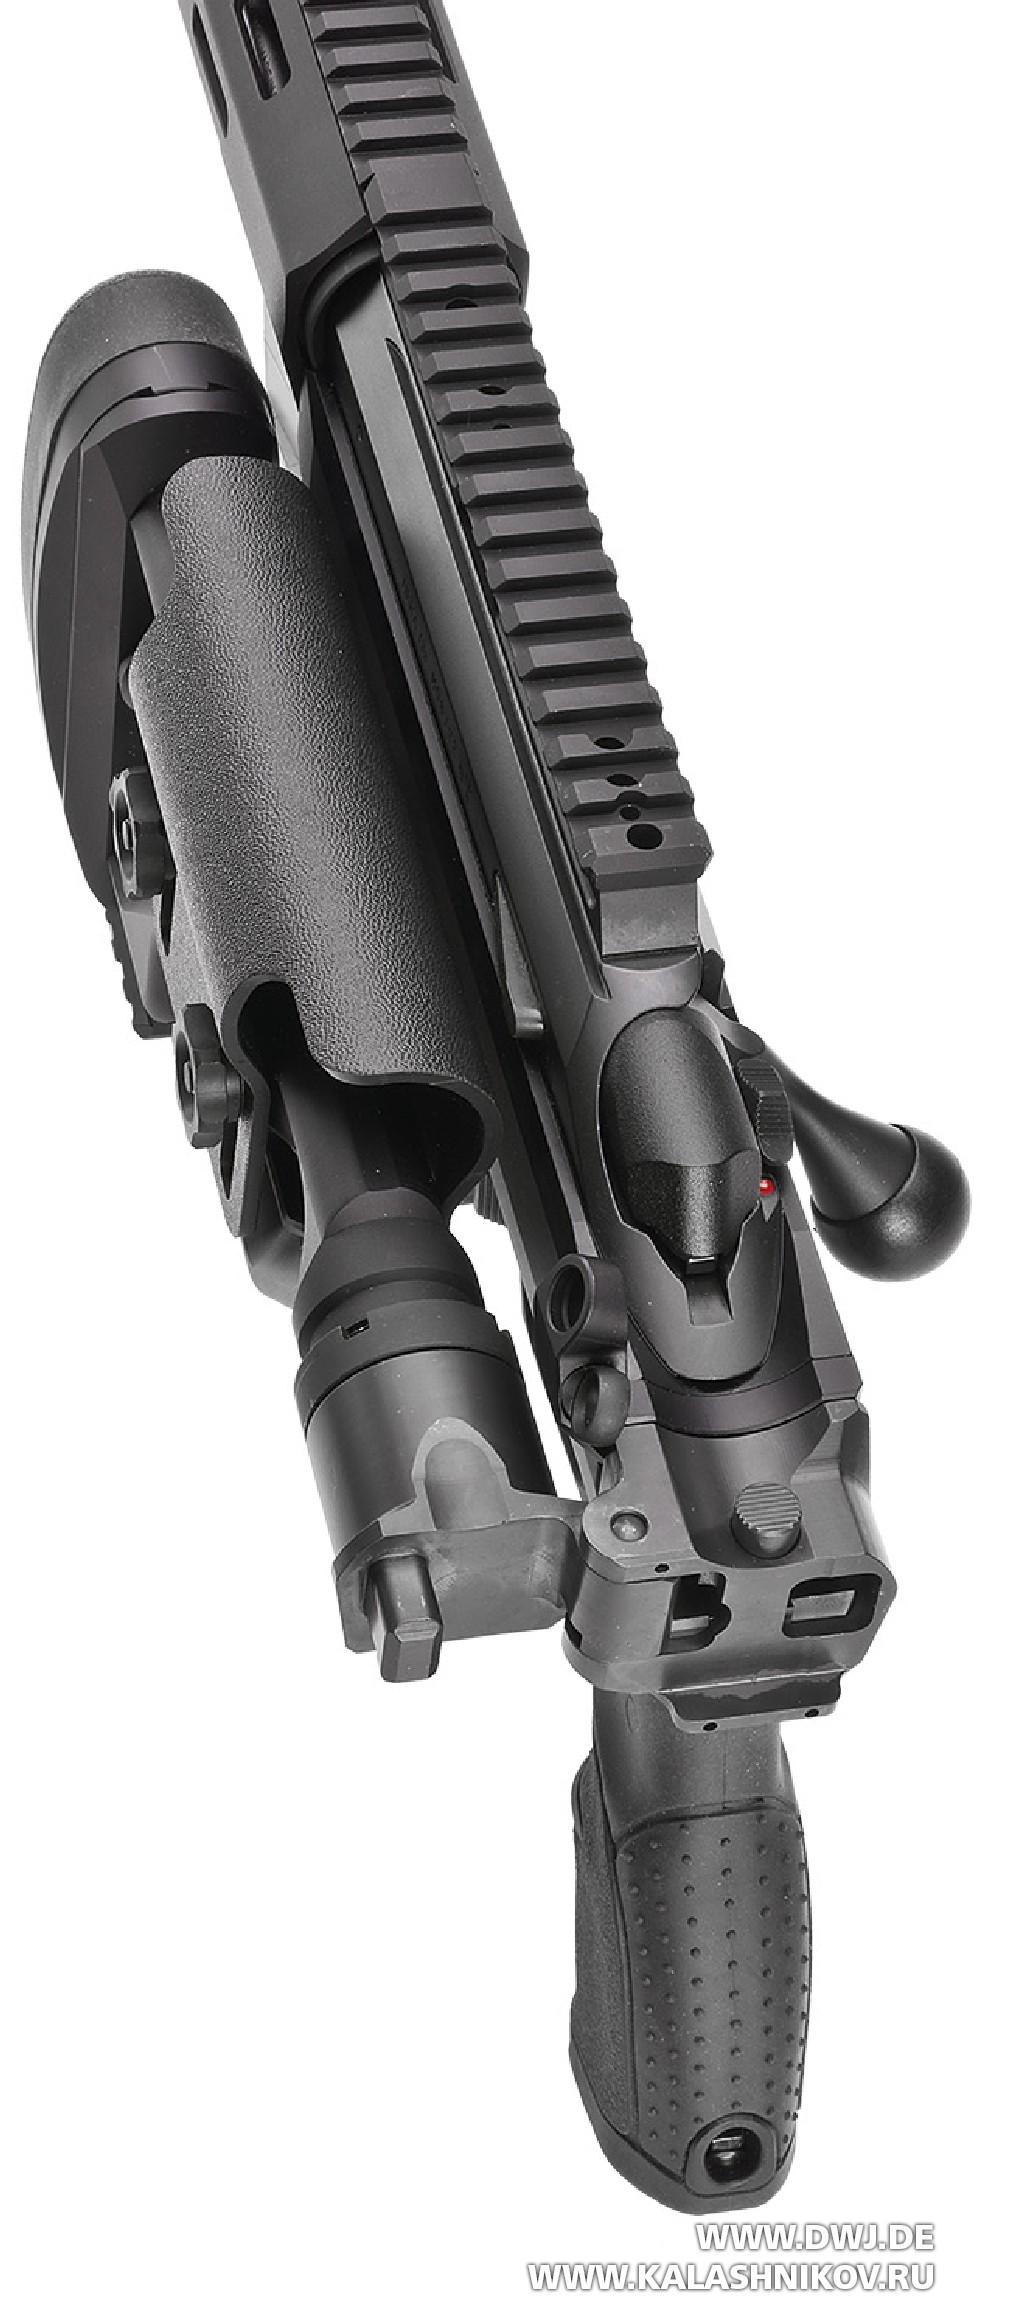 Высокоточная винтовка Tikka T3x TAC A1. Со сложенным прикладом